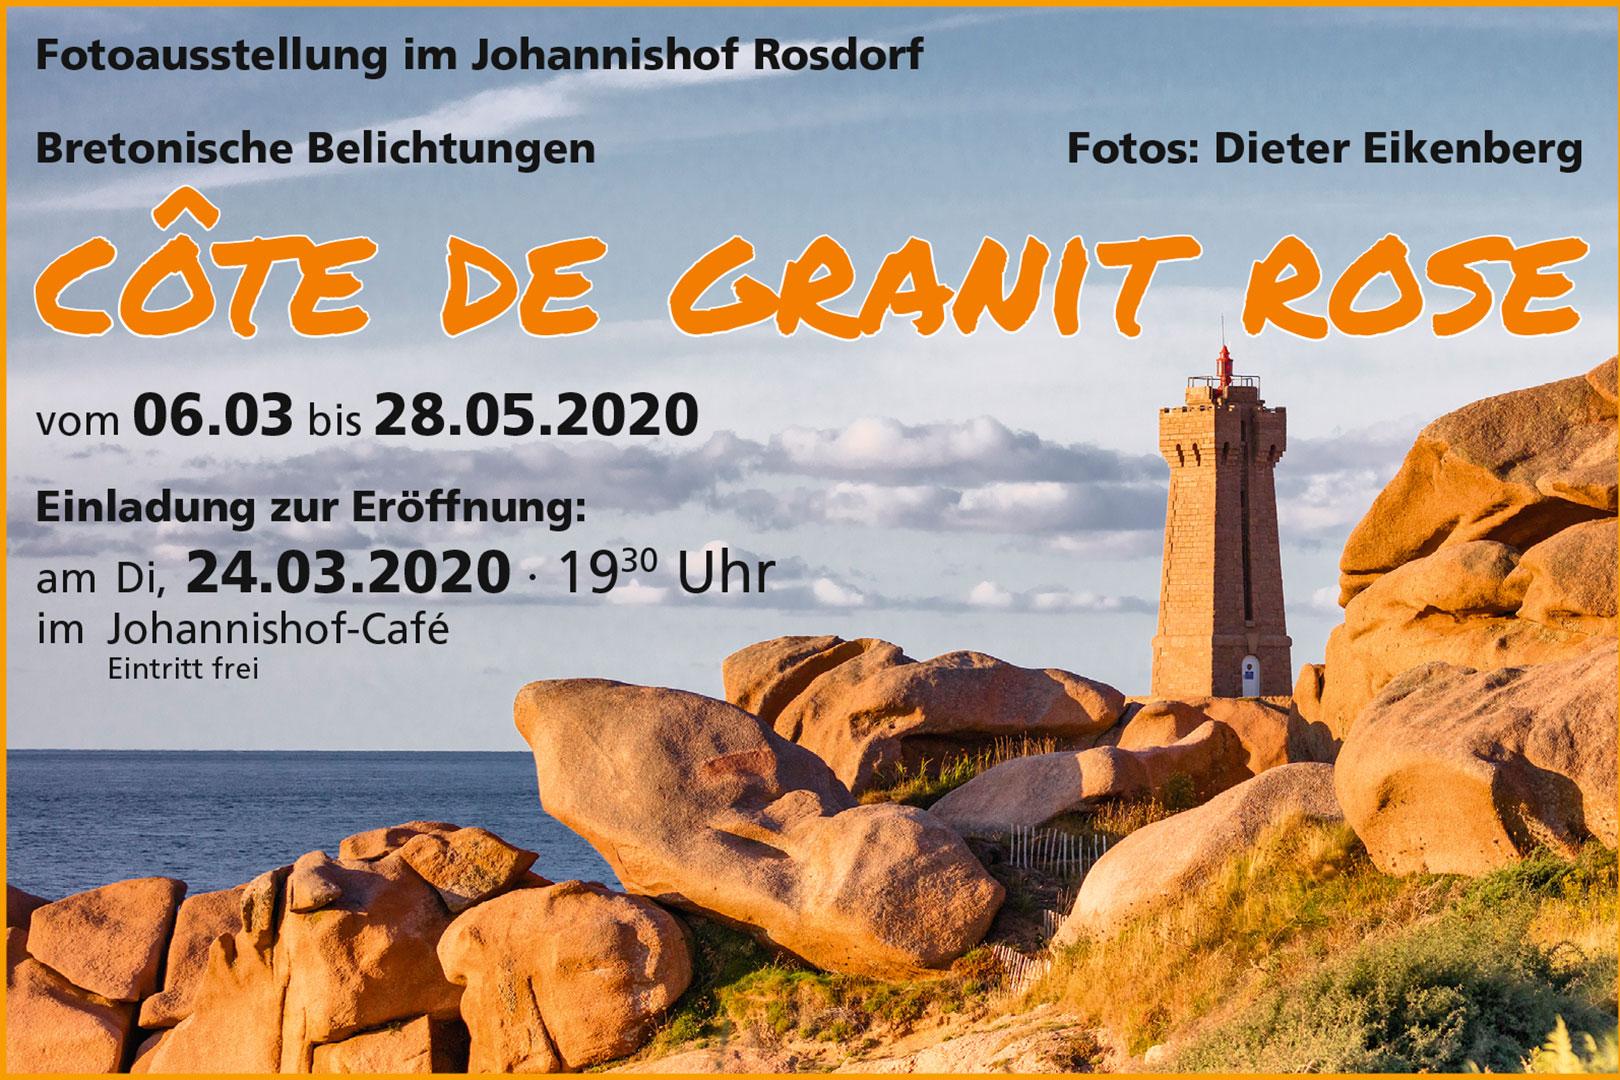 Fotoausstellung im Johannishof, Rosdorf | Fotograf Dieter Eikenberg